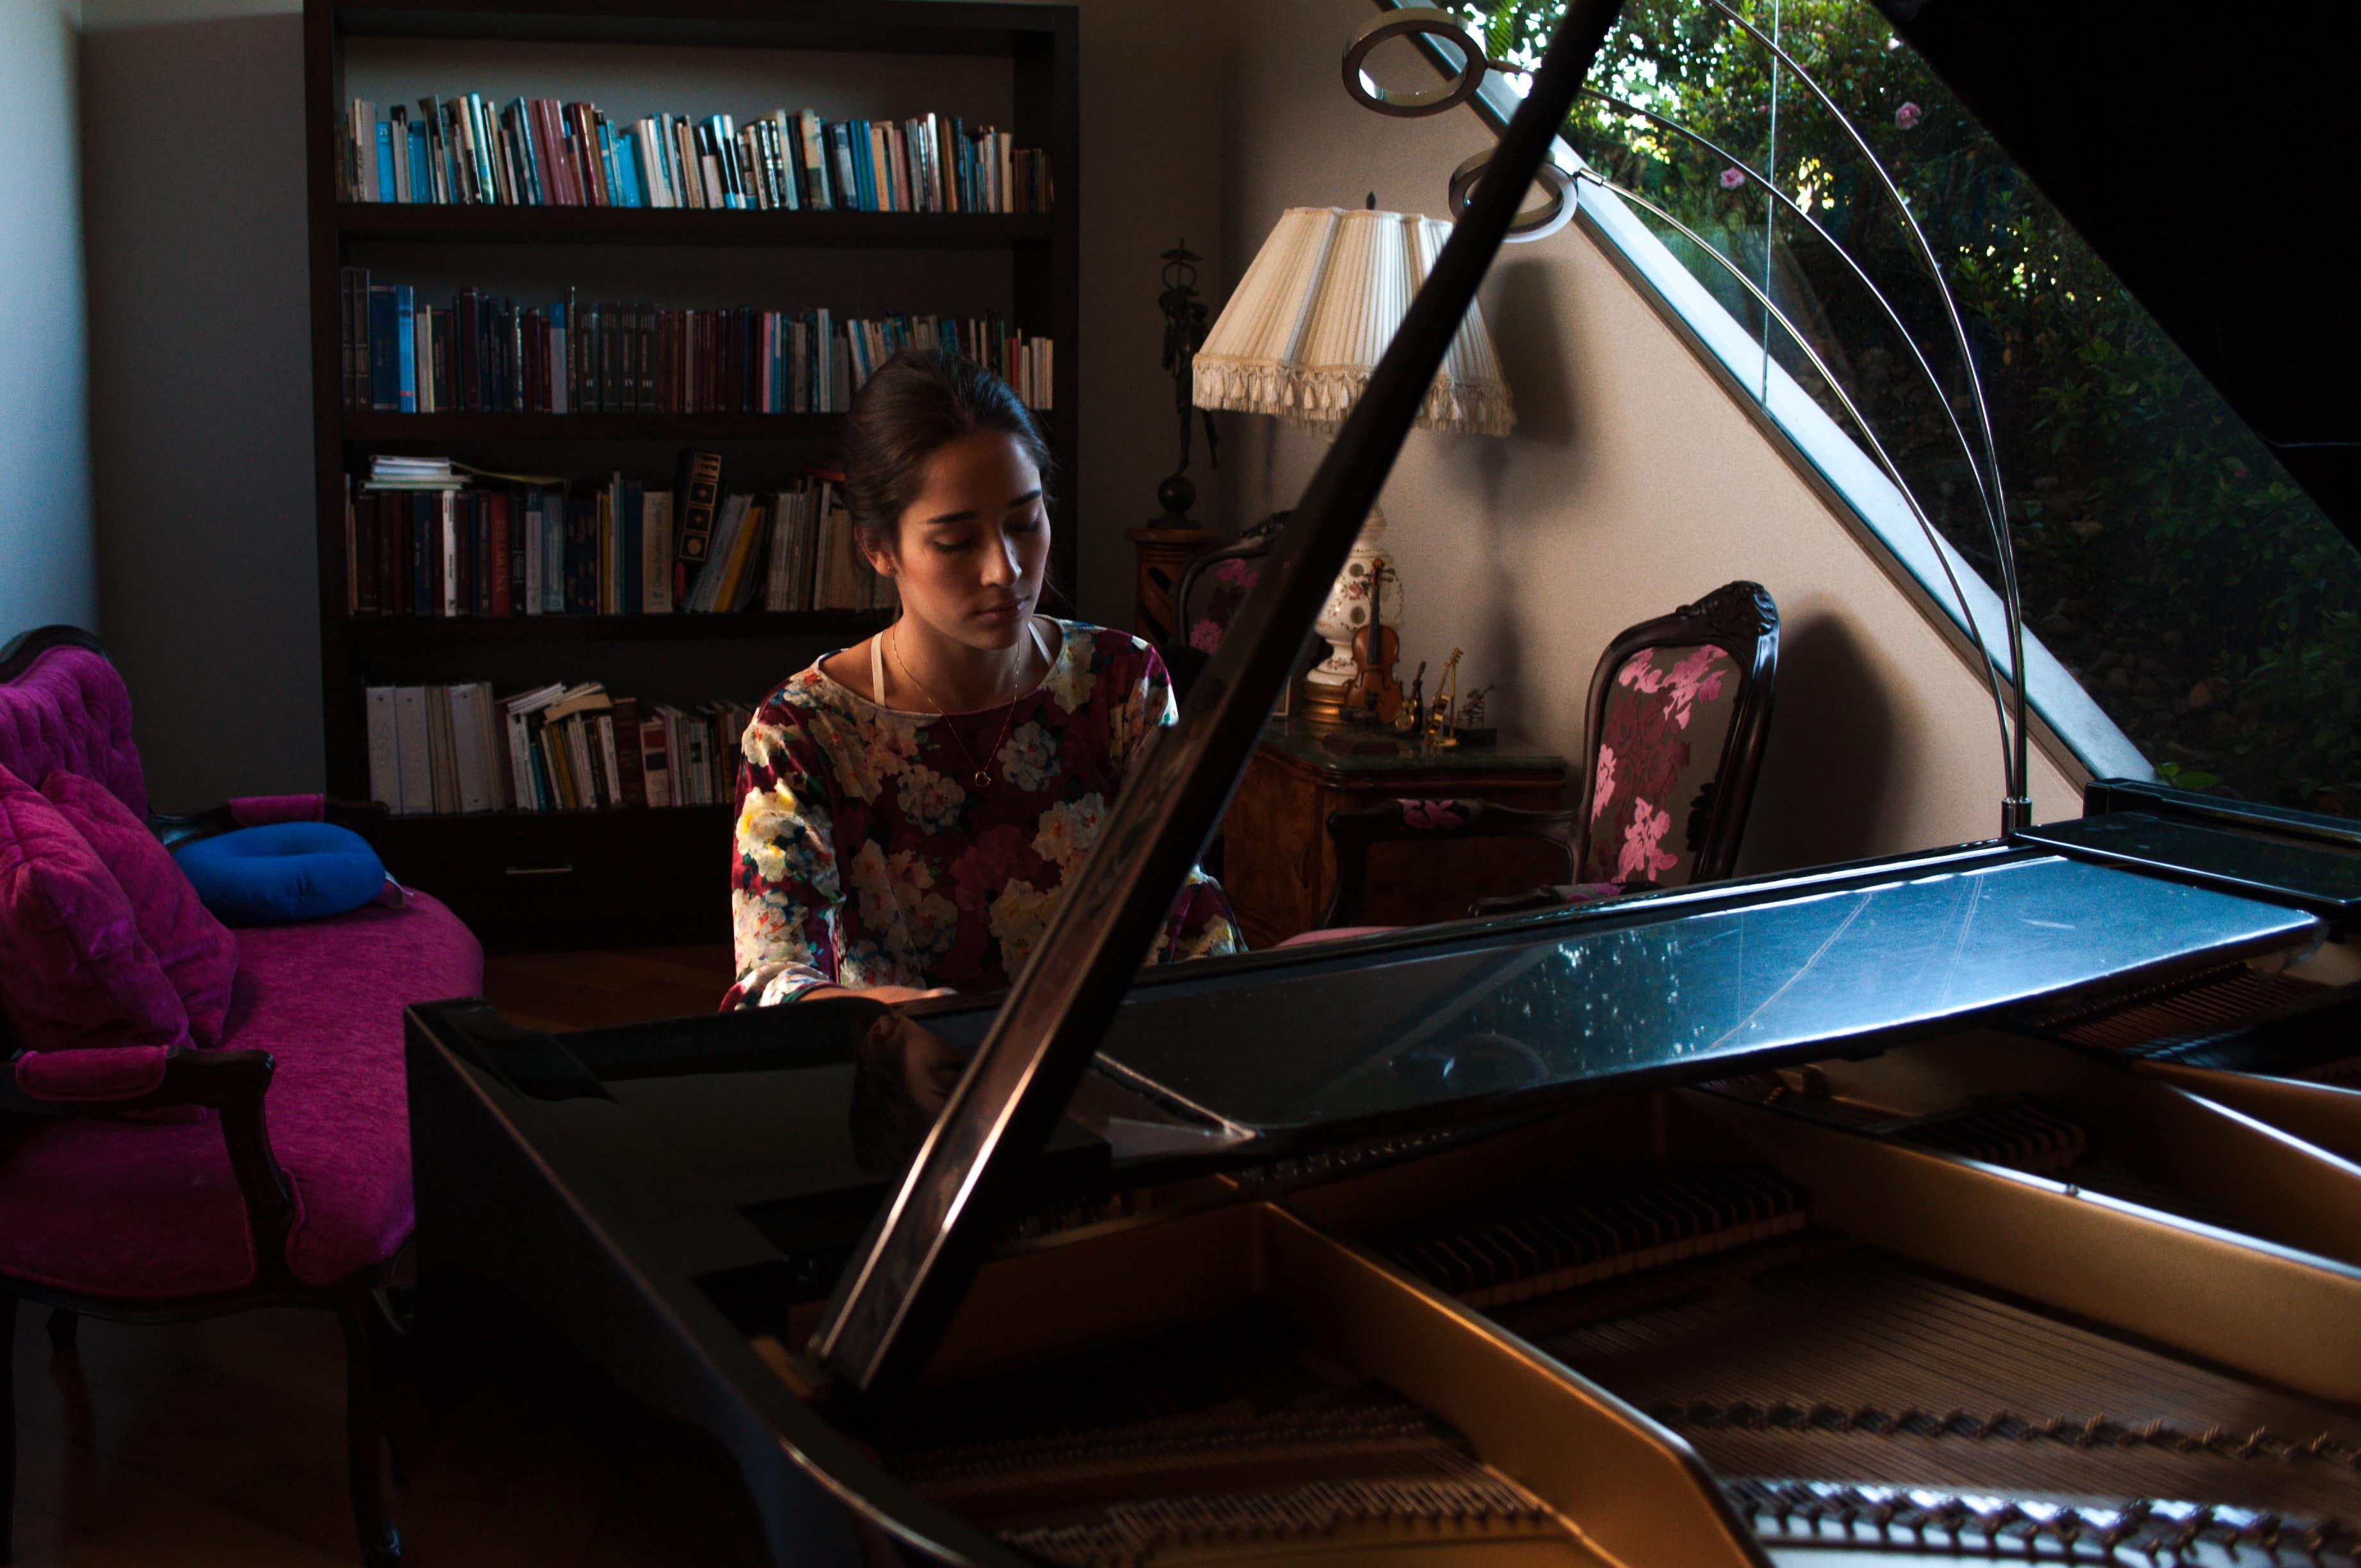 Sofía Bustamante Jaramillo, una pianista en ascenso - musica